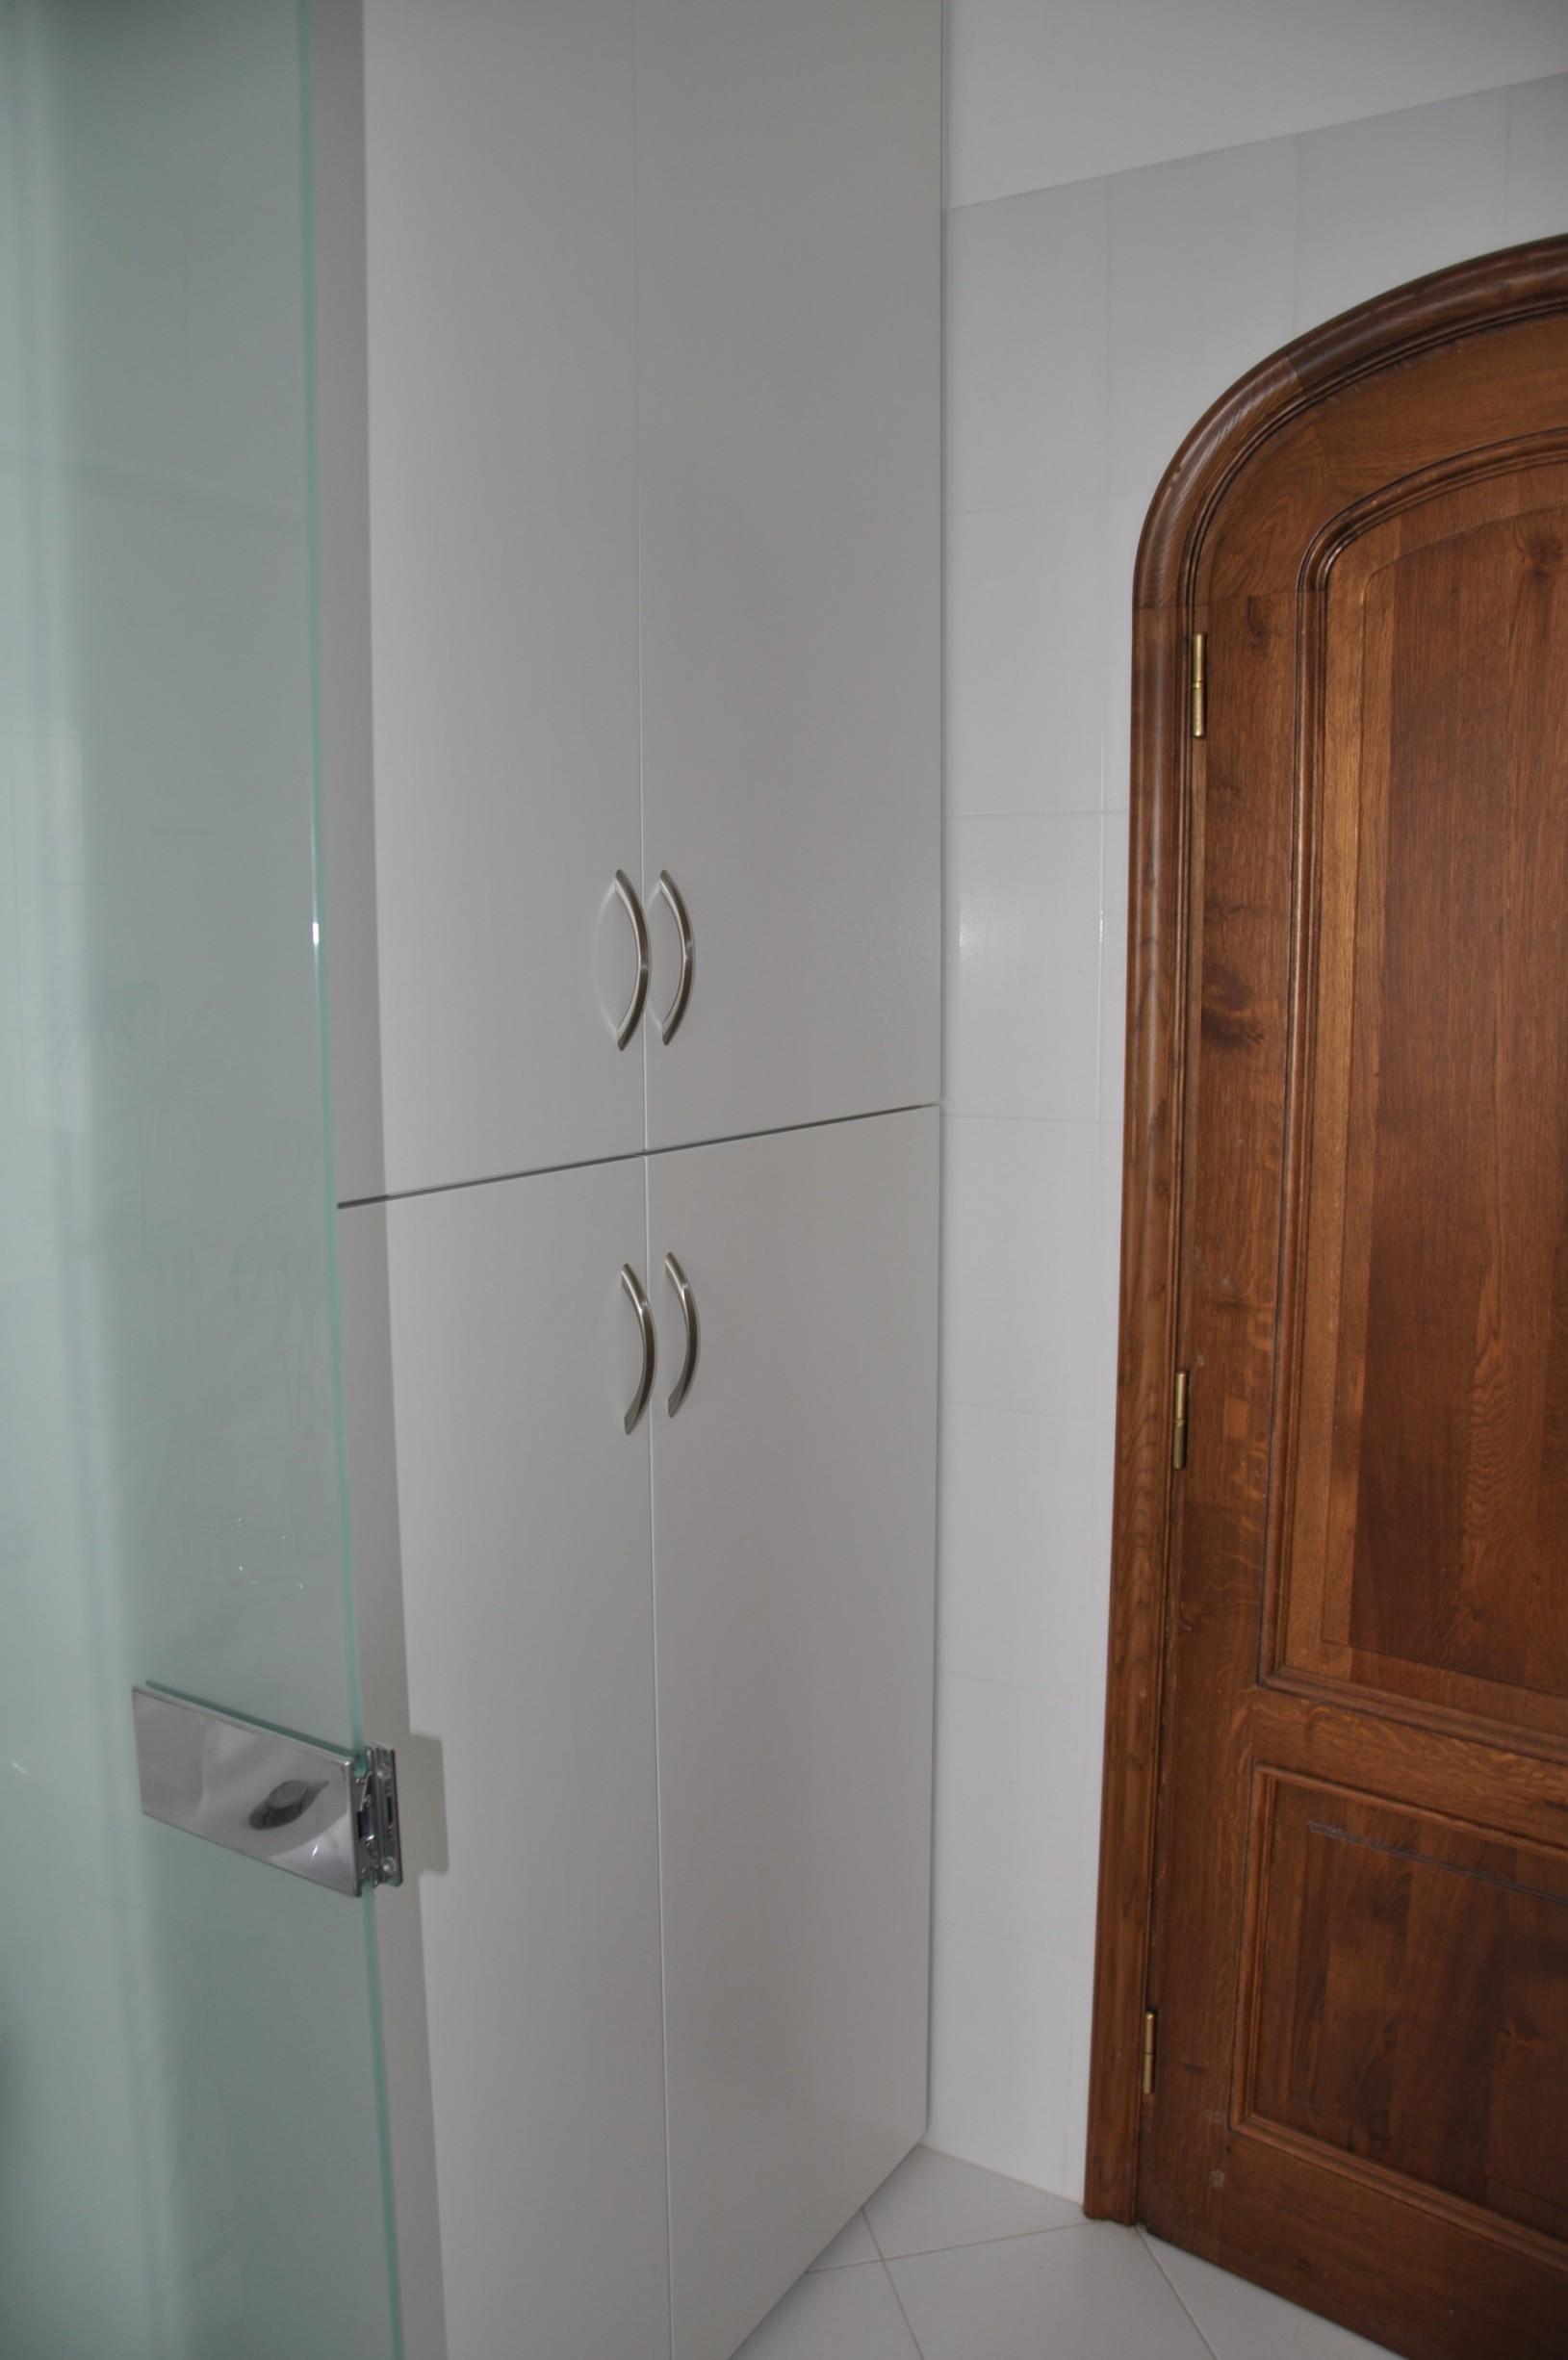 Mobile per lavanderia su misura a Verona